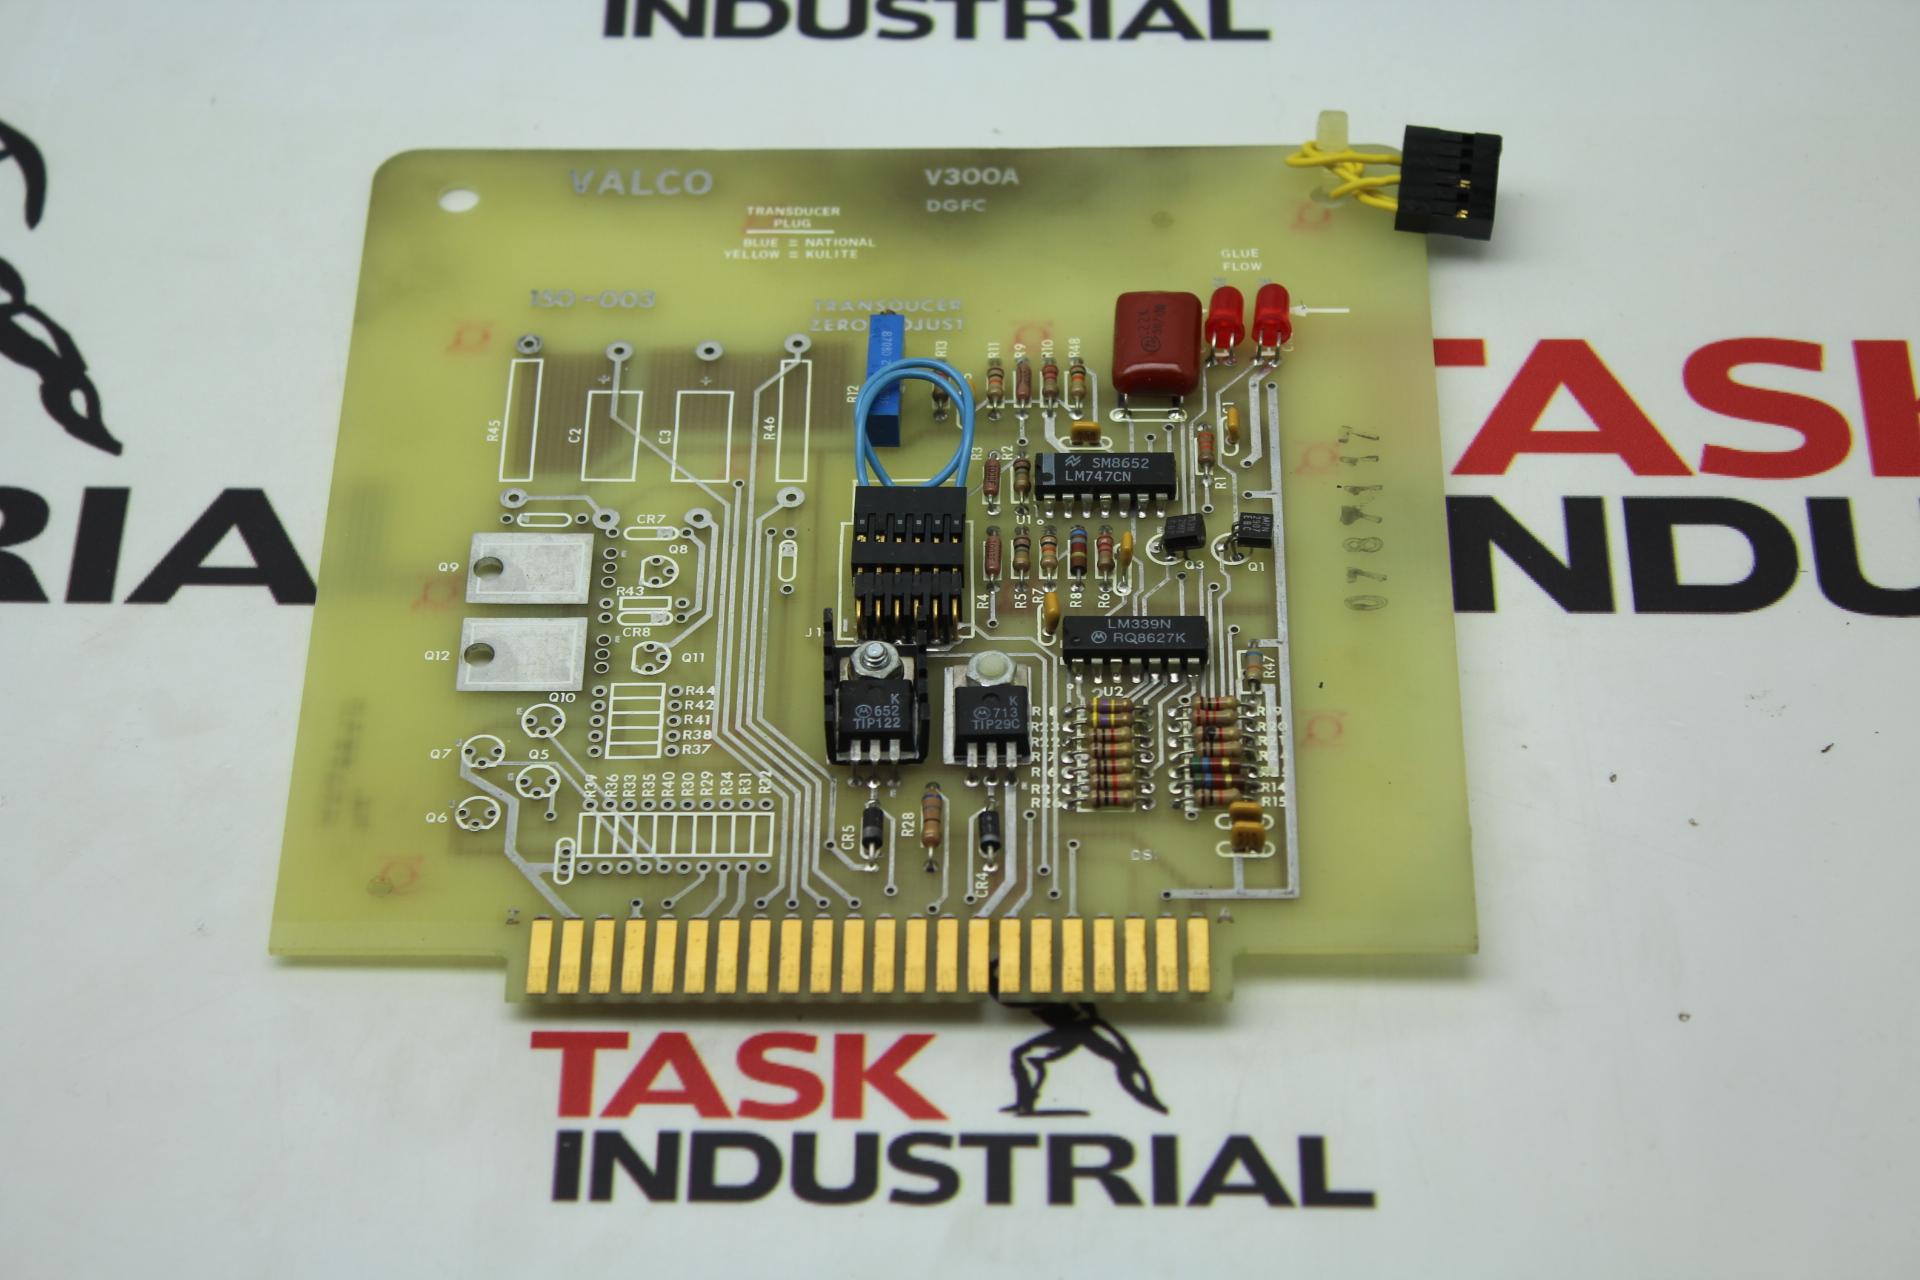 Valco V300A Circuit Board